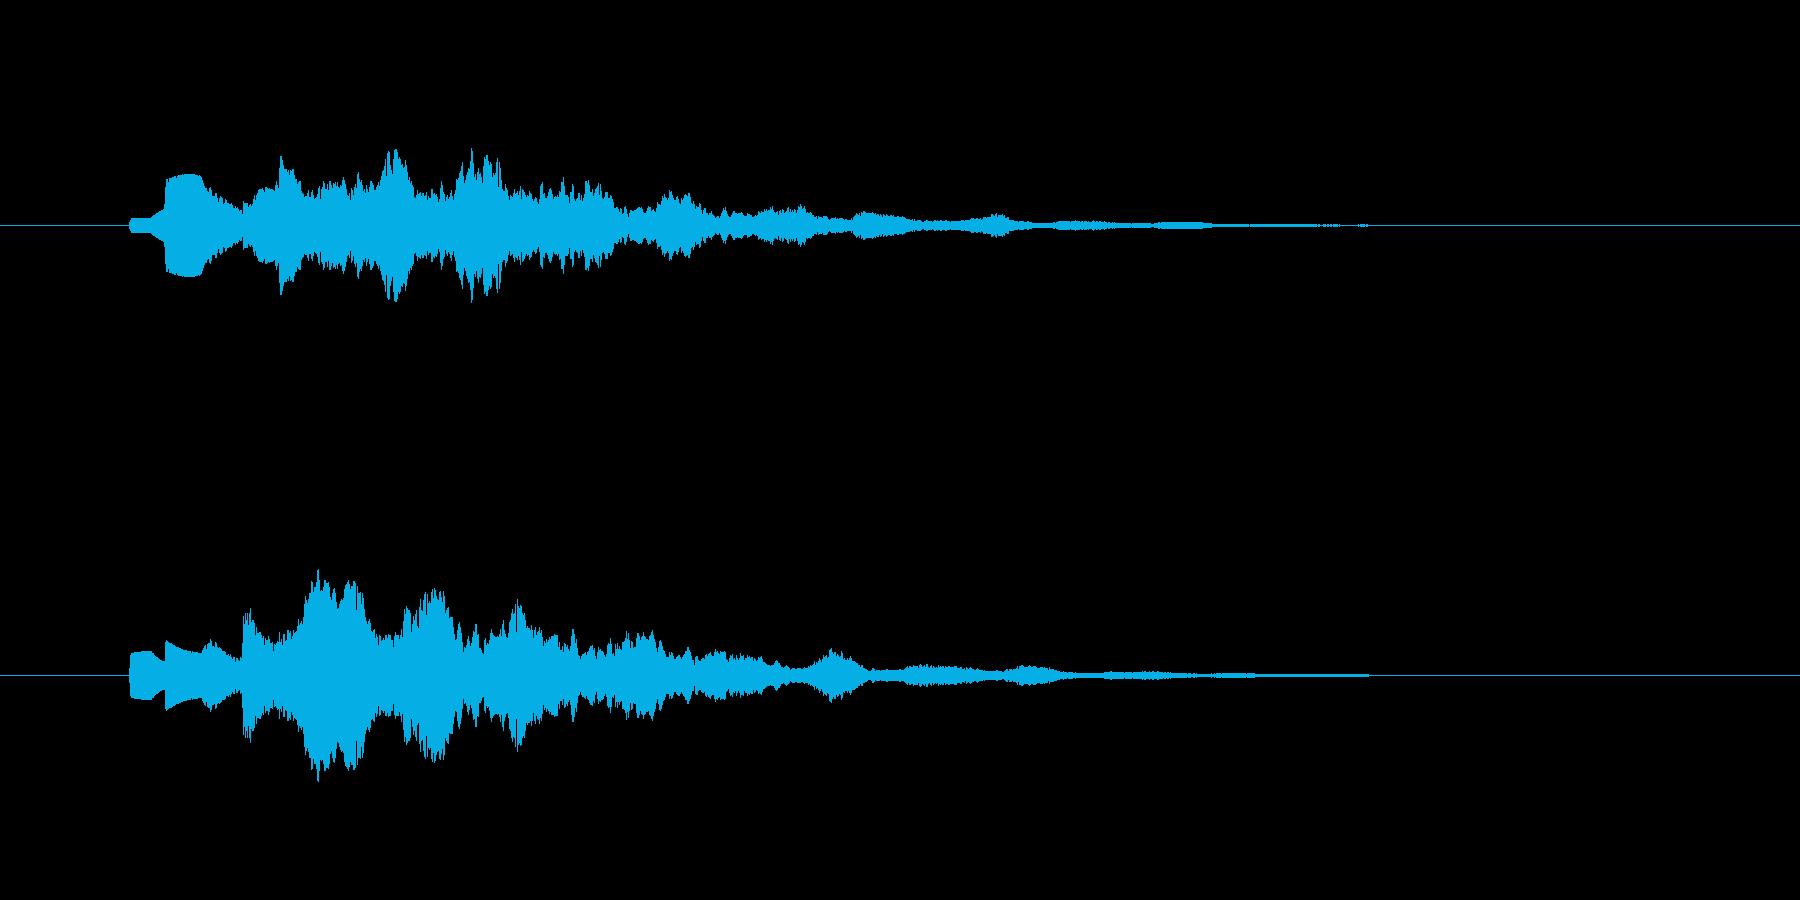 パソコンの起動音のようなアイキャッチの再生済みの波形